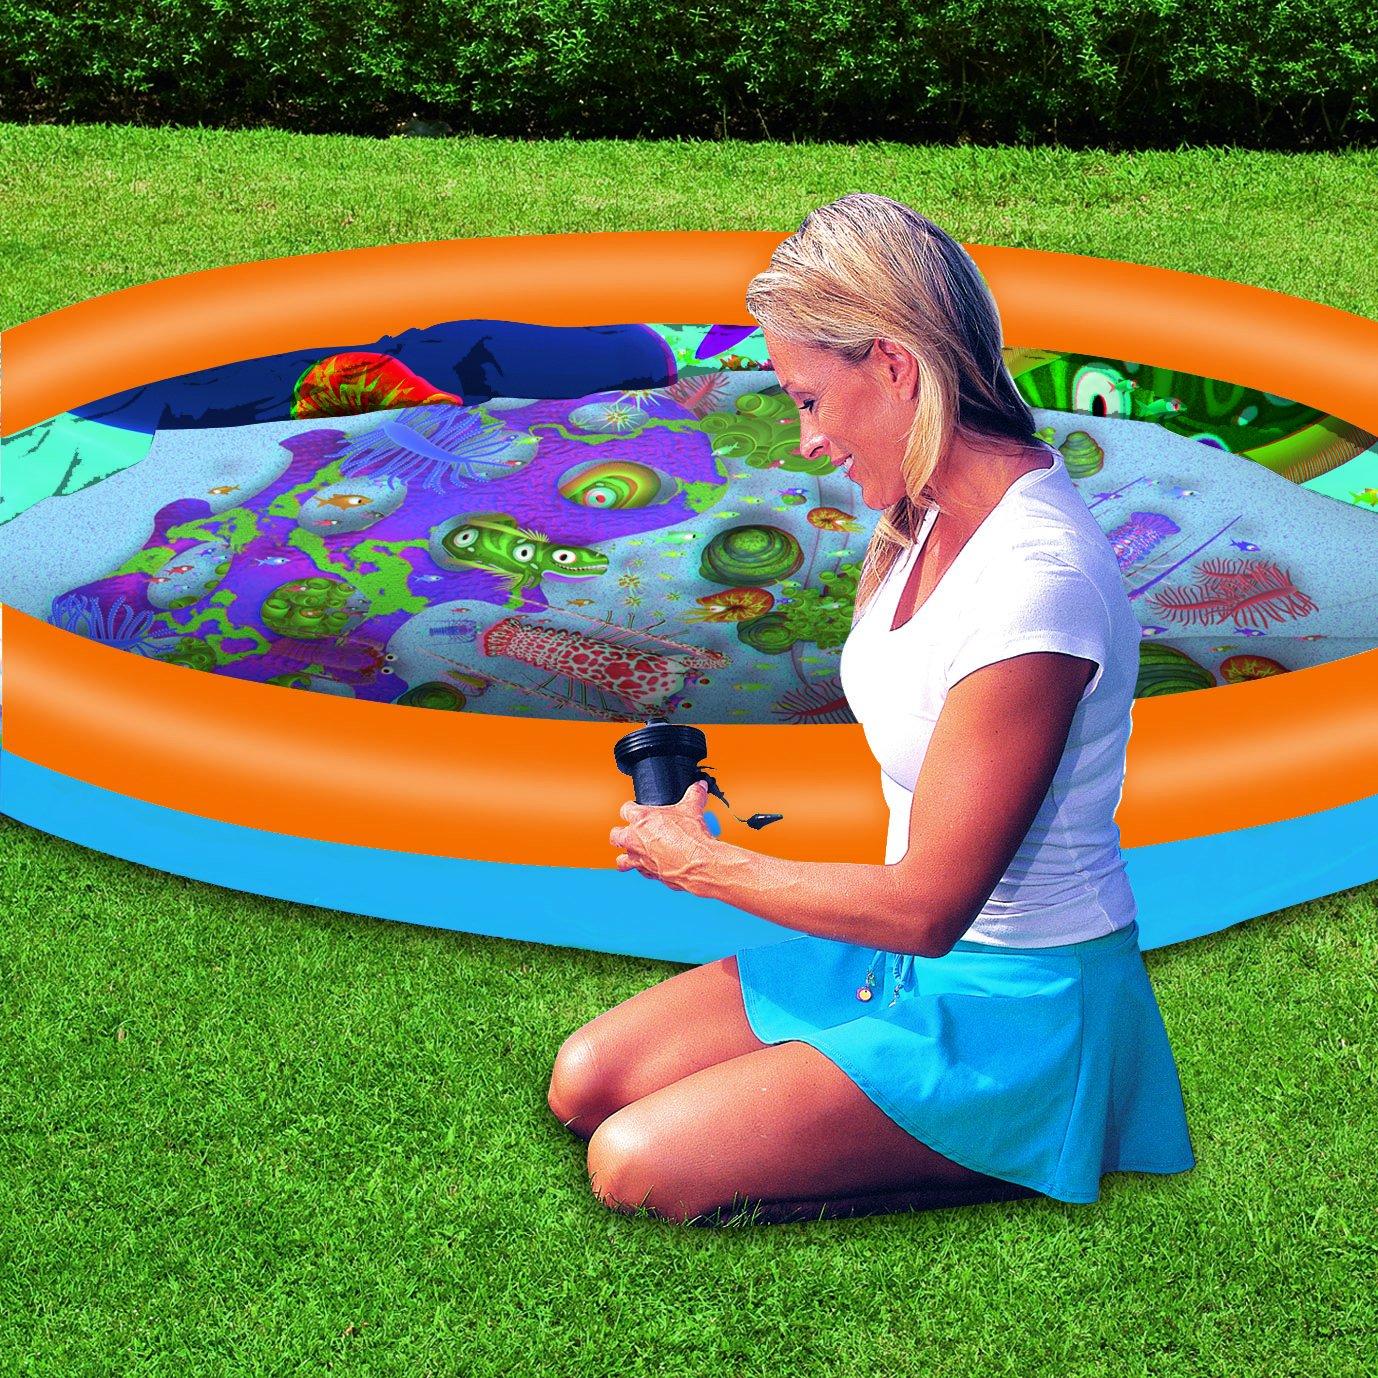 Bestway Disney Finding Nemo 3D Adventure Pool Bestway Toys Domestic 91107